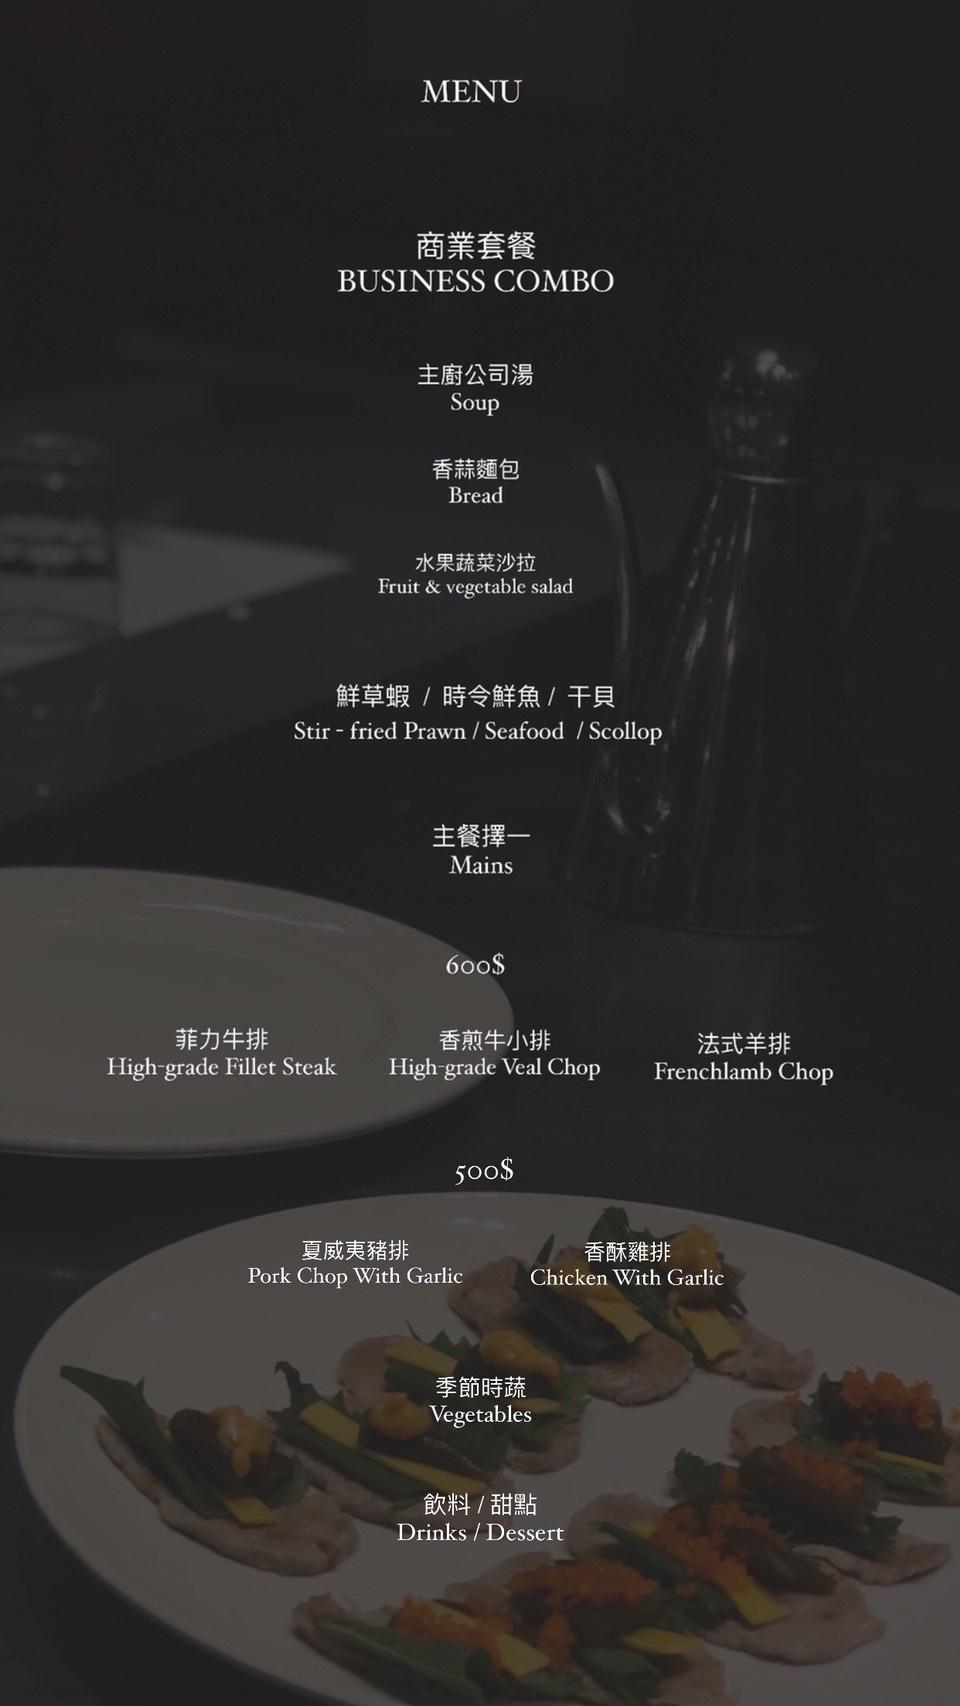 竹北精緻鐵板燒推薦!用餐環境超氣派,五百元就可吃到高級鐵板燒!每日限量十位內用88折